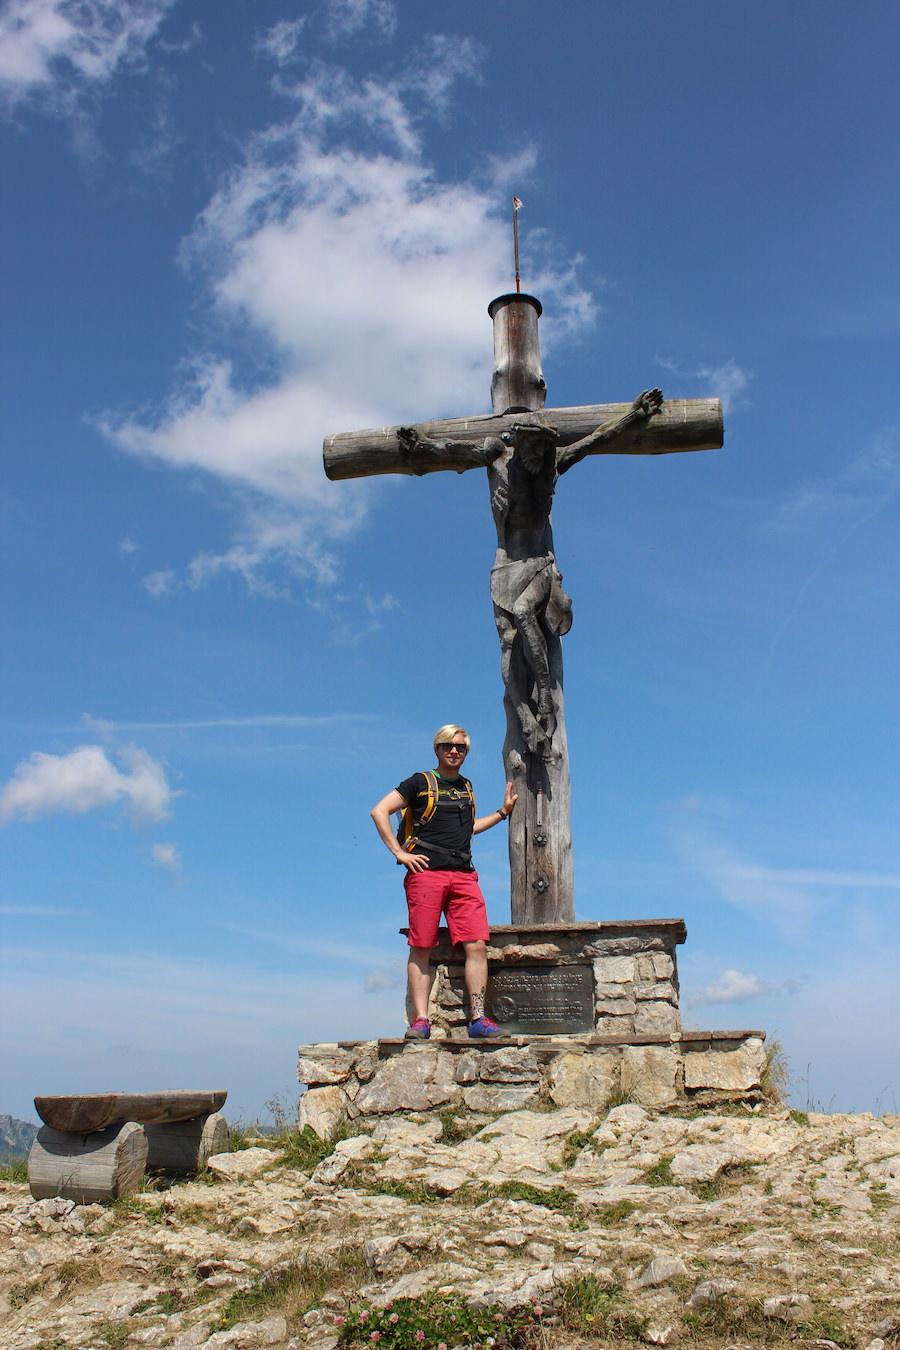 Vom Neunerköpfle zur Sulzspitze in Tirol - Gipfelkreuz Neunerköpfle